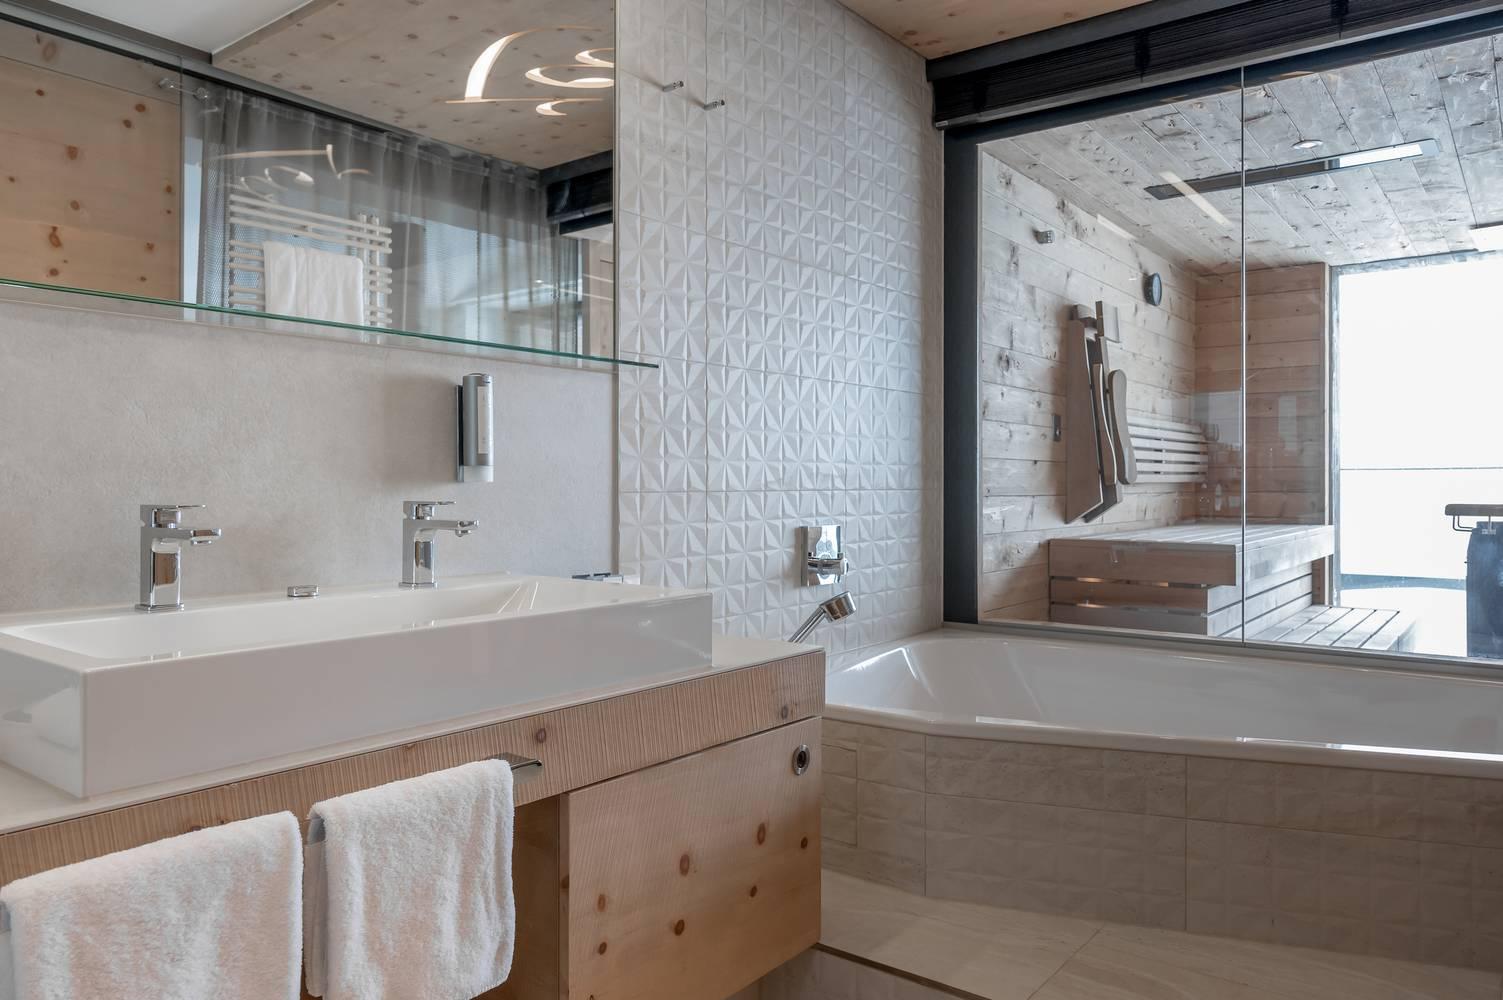 csm_1_Kaldewei_Hotel_Gotthard-Zeit_Tirol_52ee5128dd